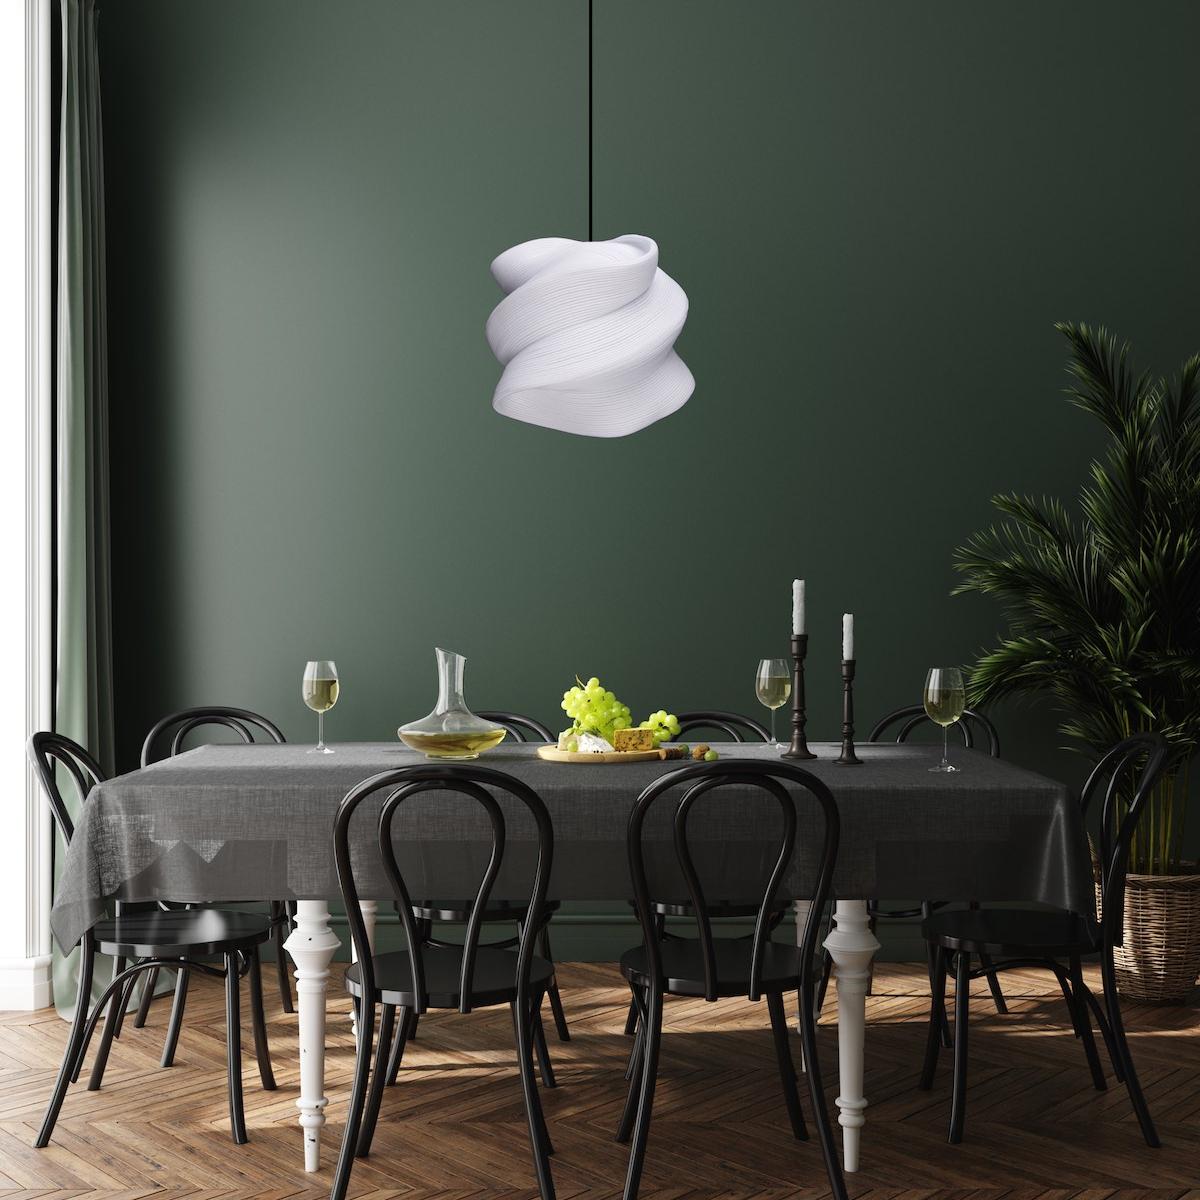 zavesne-osvetleni-zippoo-l-nad-kuchynskym-stolem